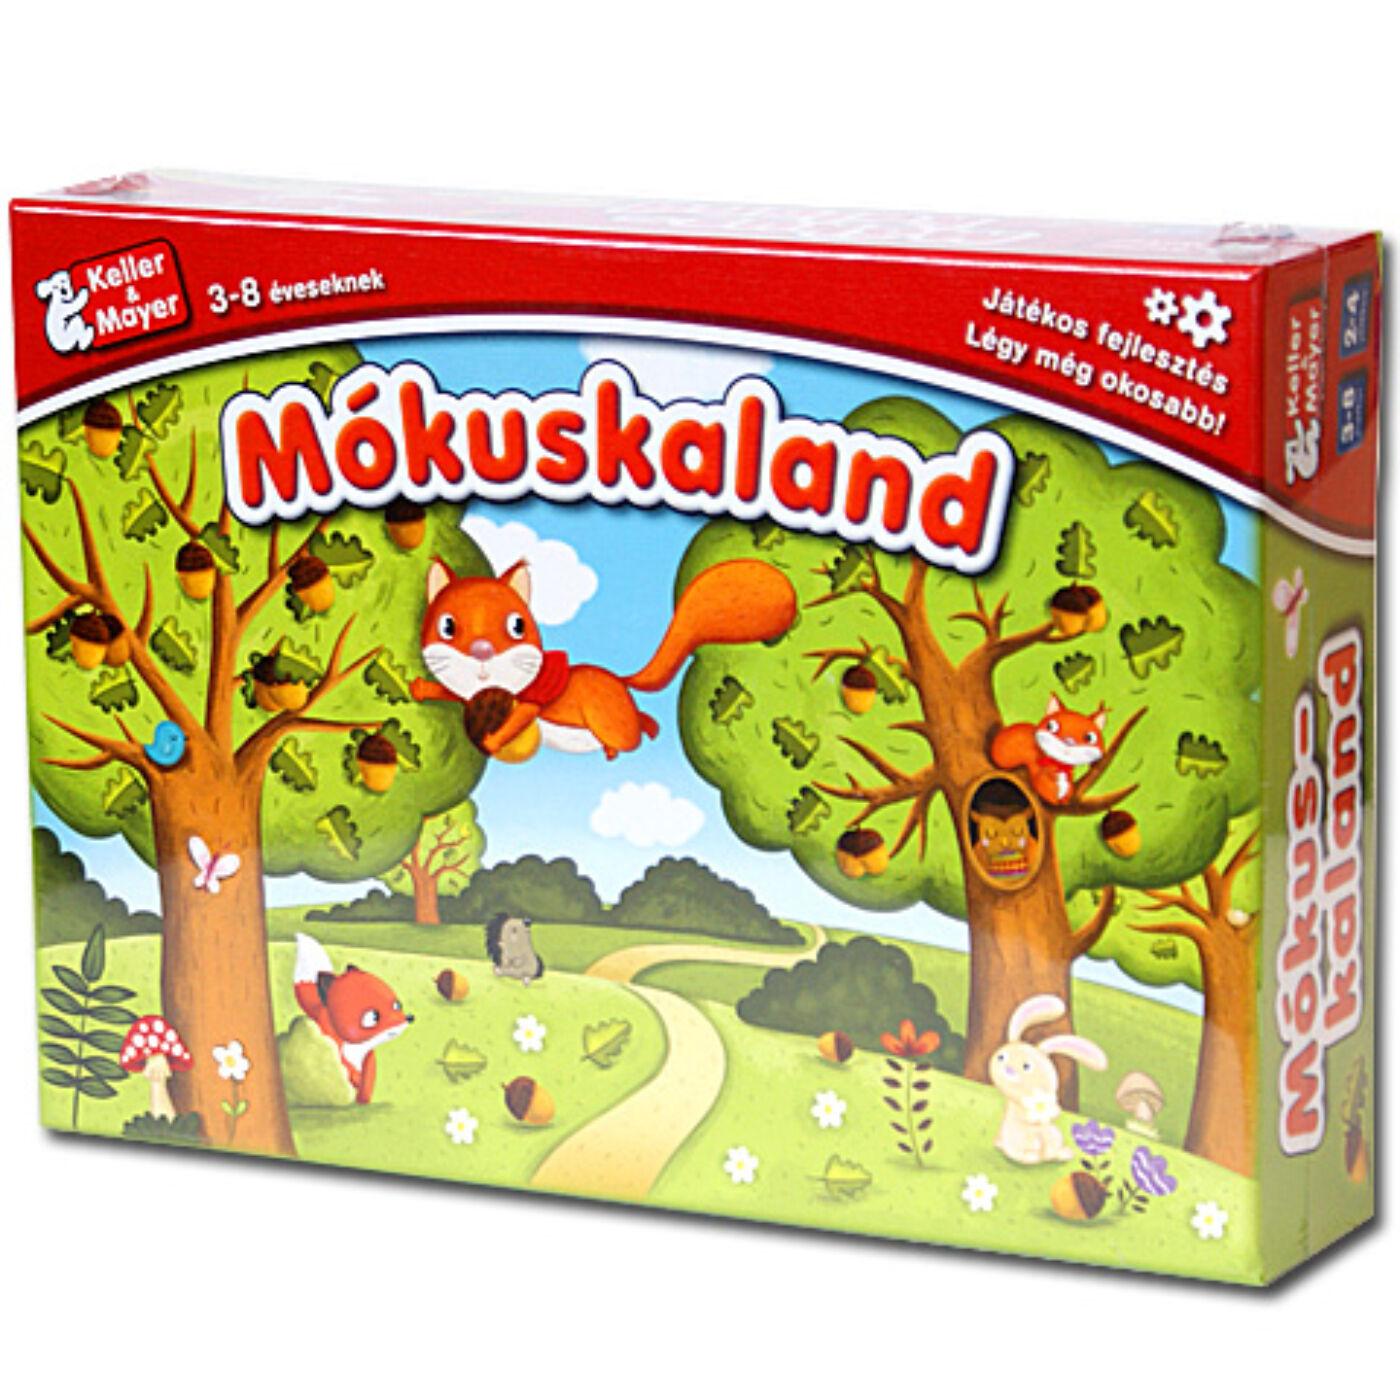 Mókuskaland